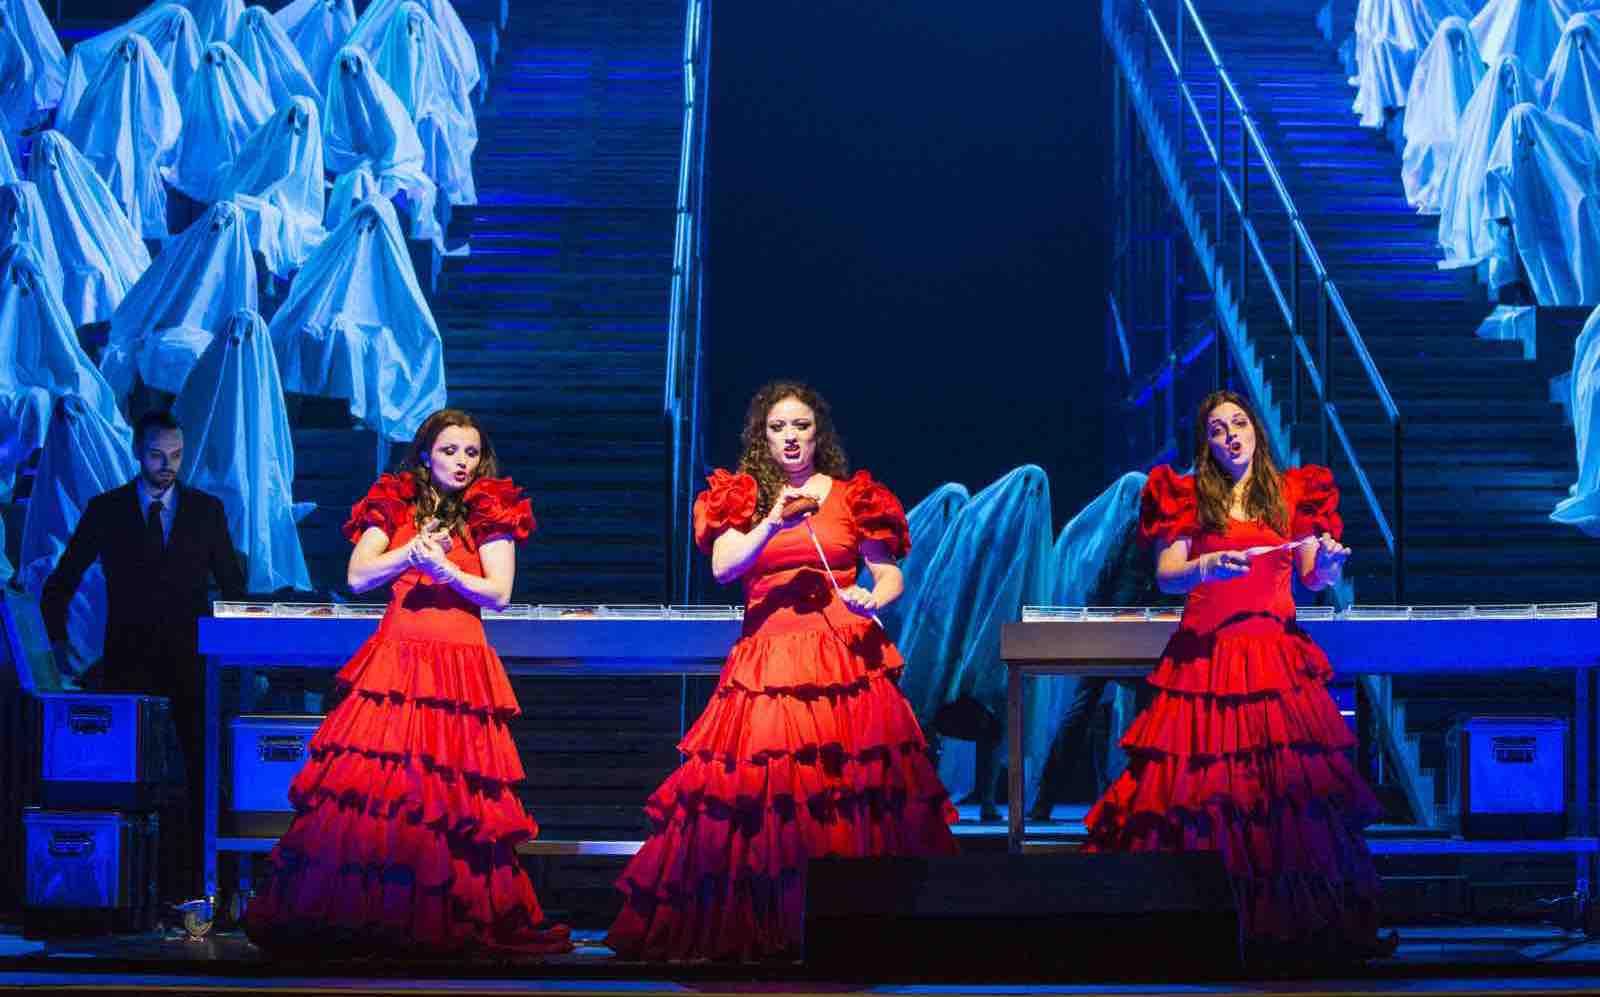 opera tyskland